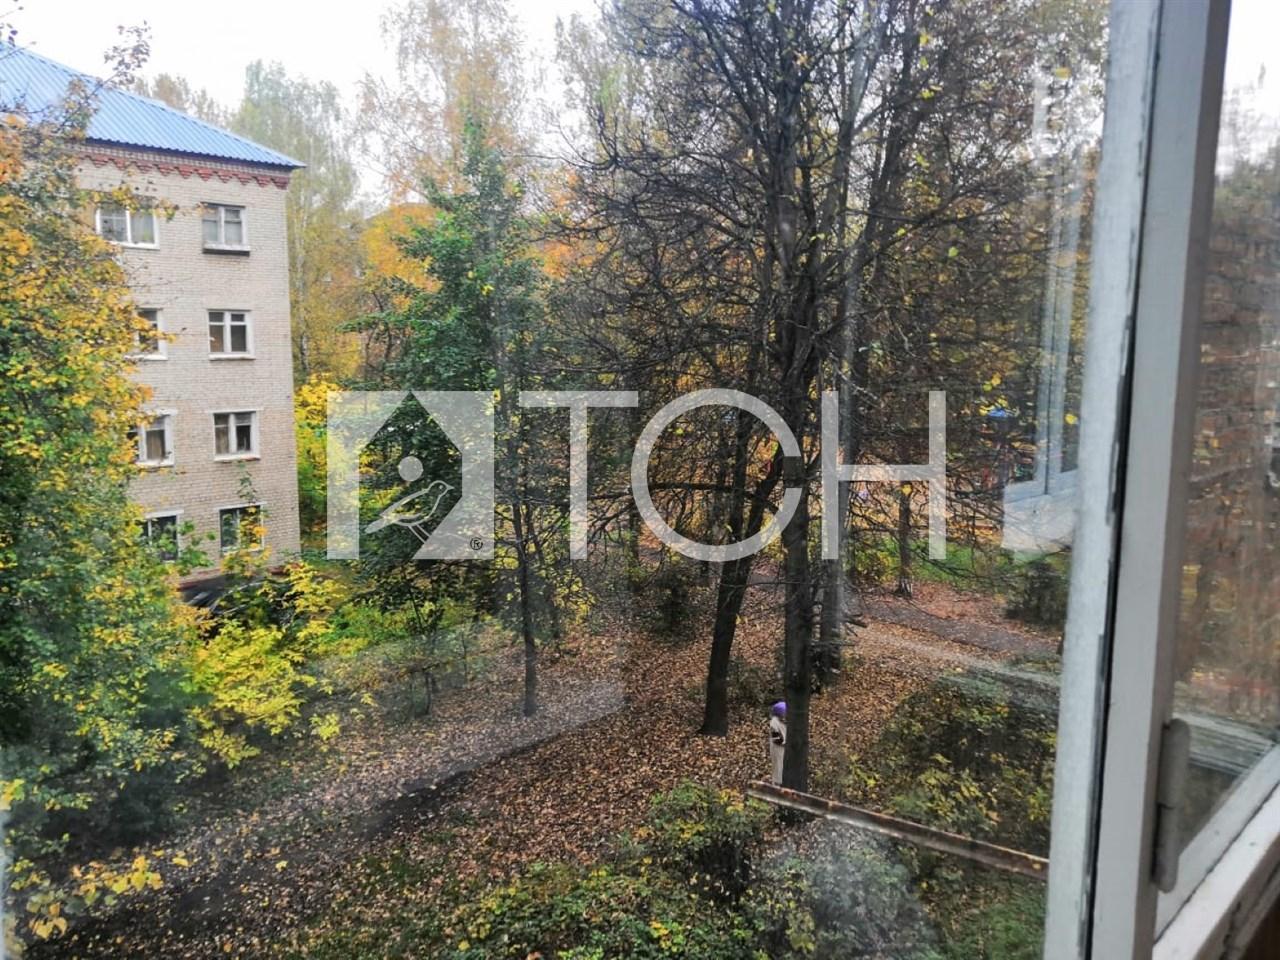 Квартира, 2 комнаты, 44 м² в Ивантеевке 89261425000 купить 4